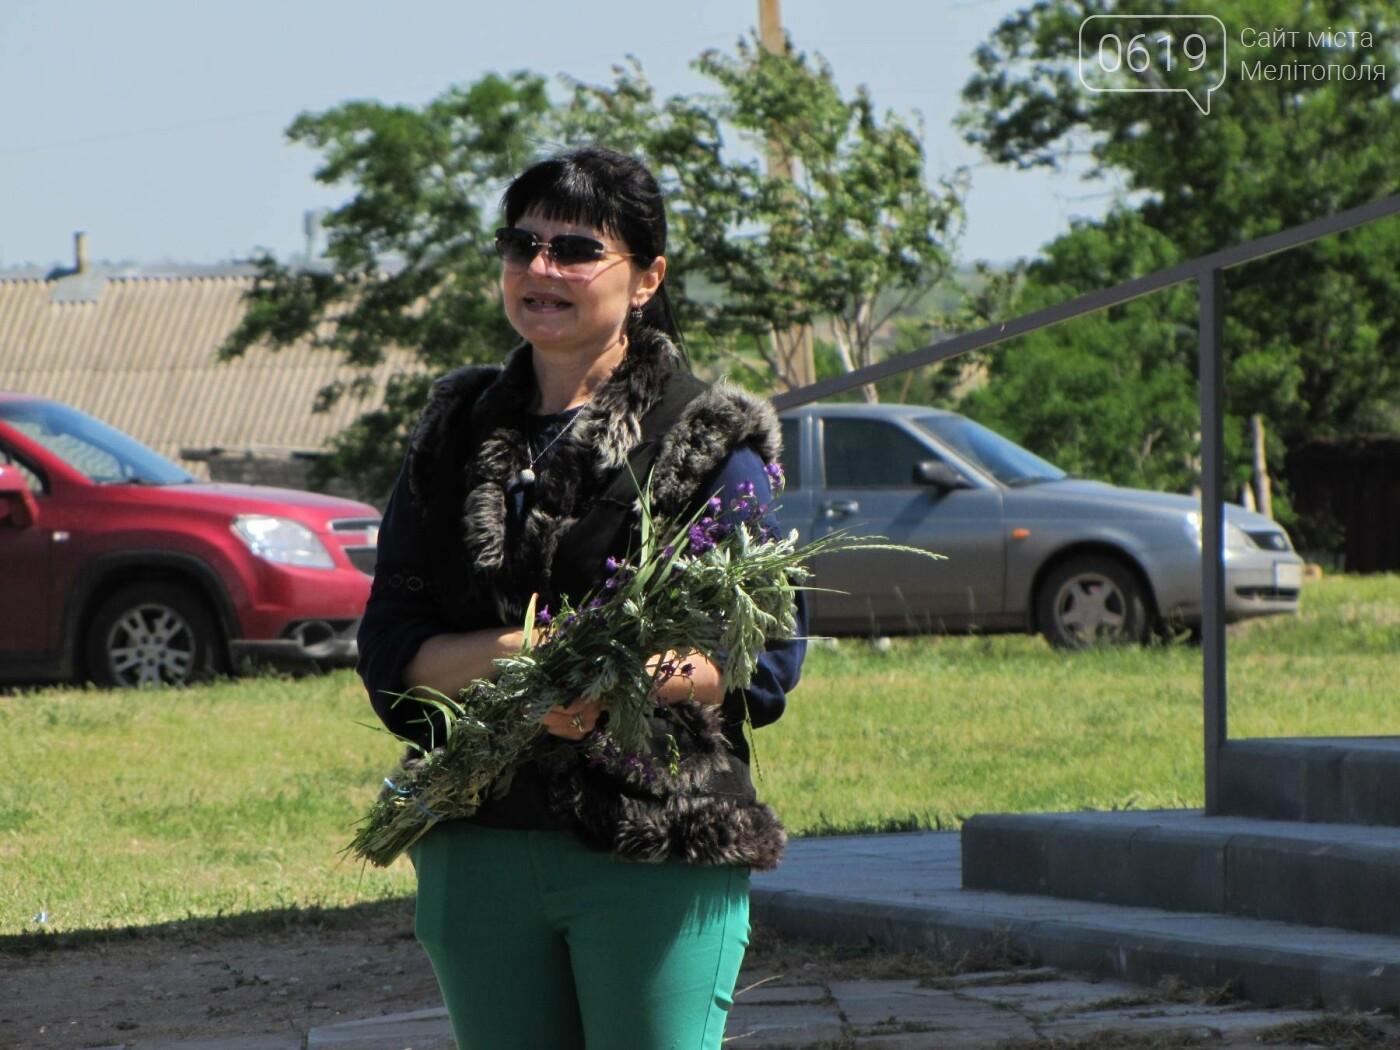 Жители Мелитопольщины отпраздновали Троицу, фото-8